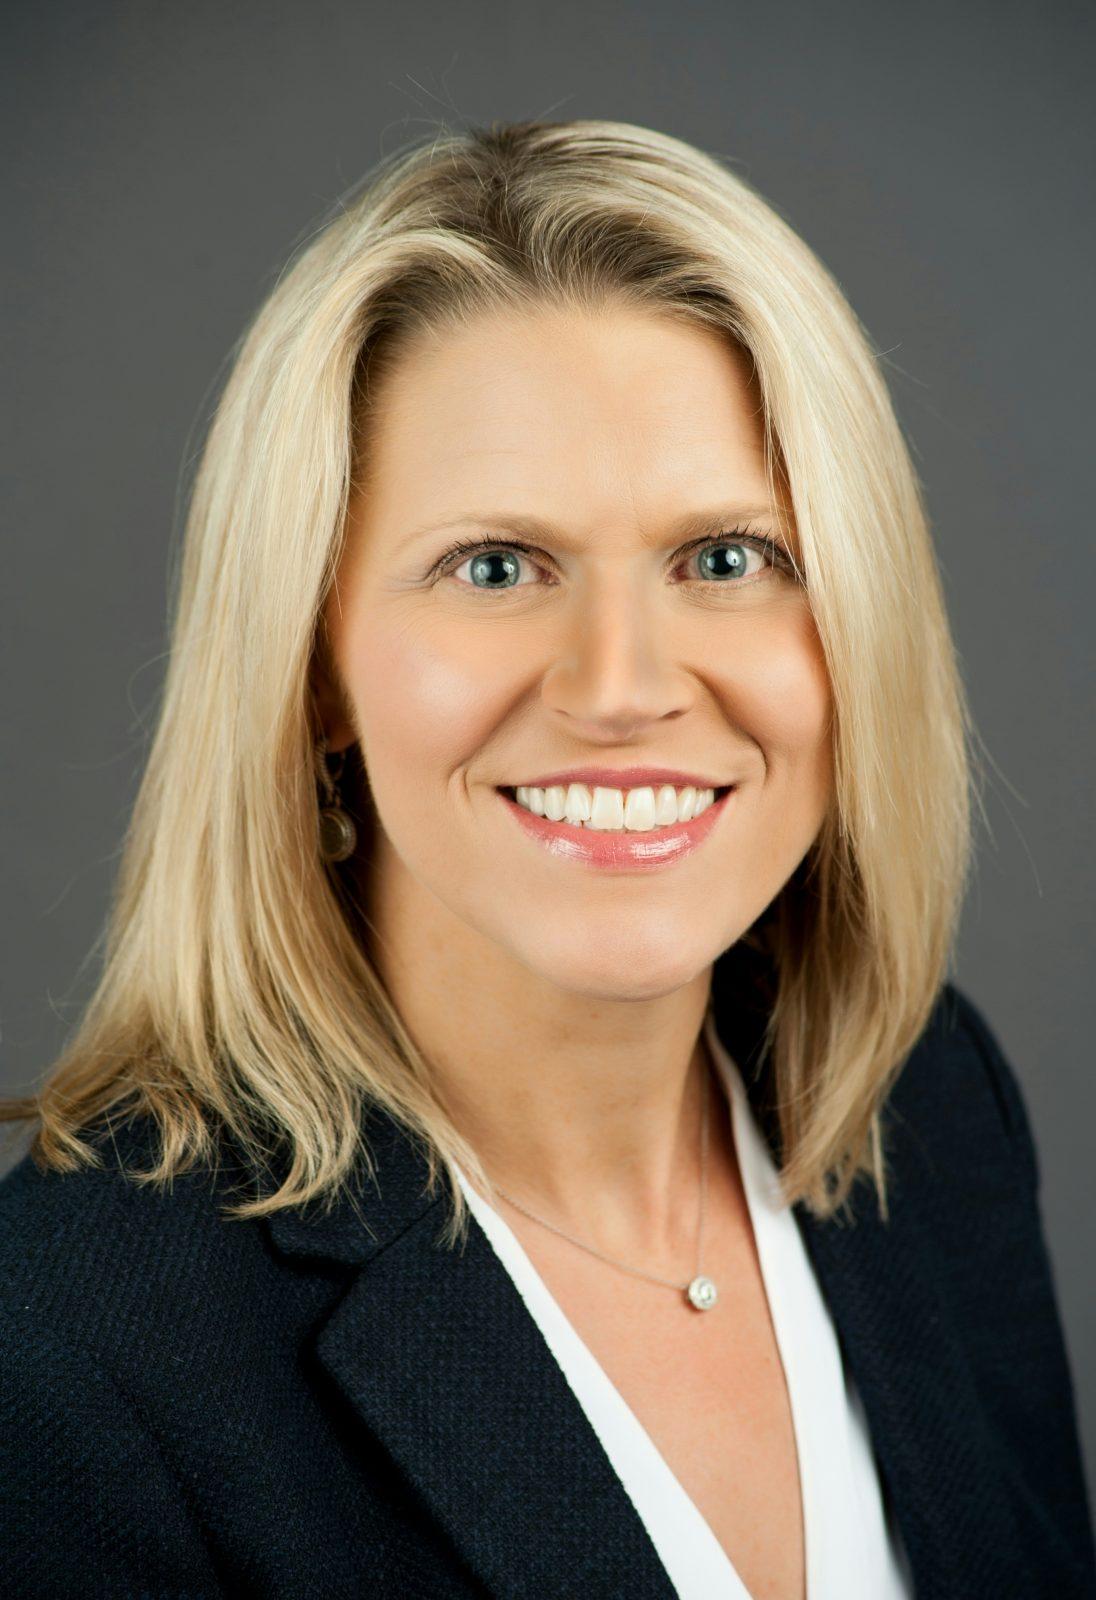 Stacy Leshock Dee